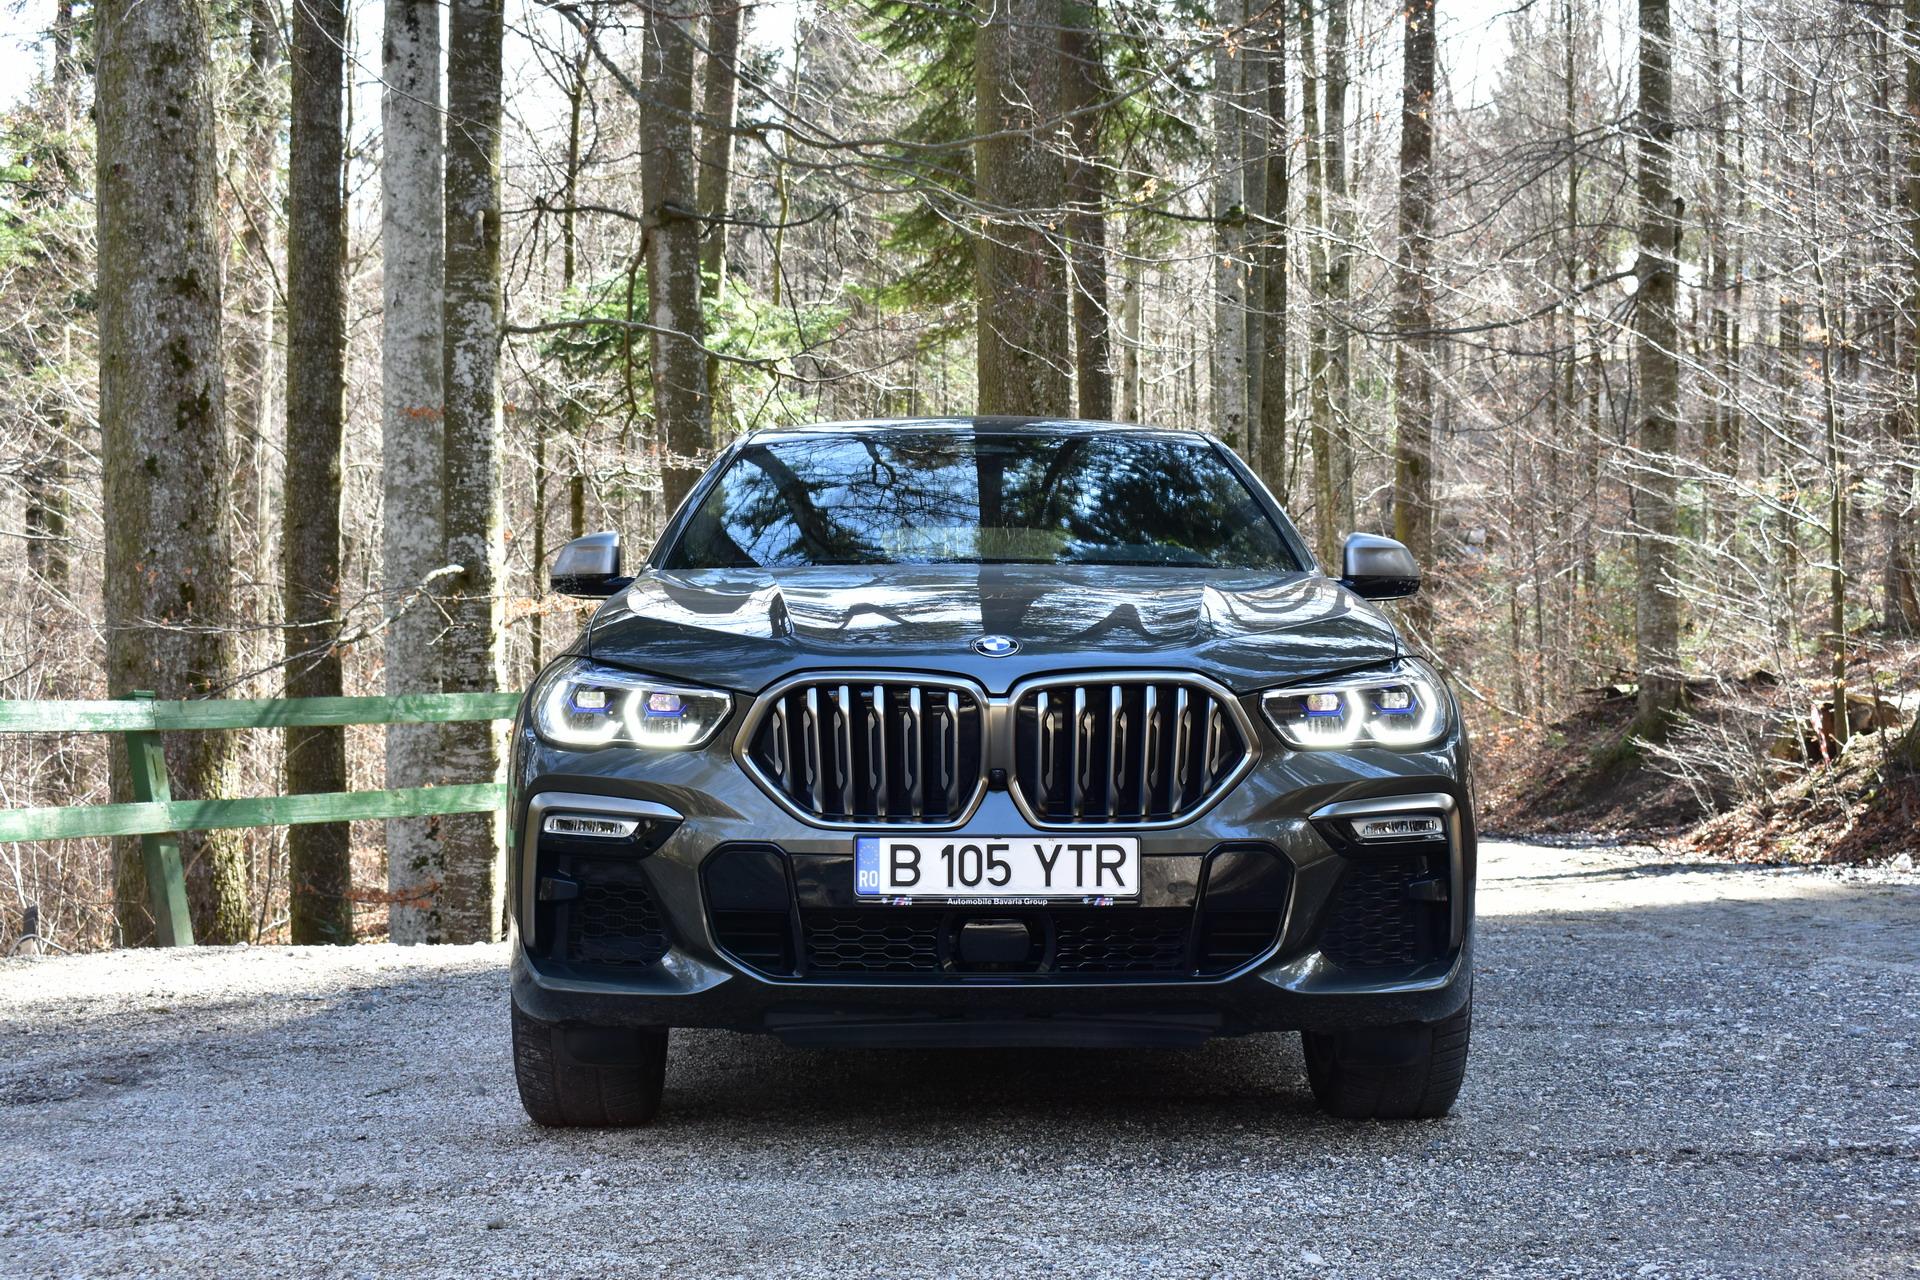 BMW X6 M50d TEST DRIVE RO SET 3 4